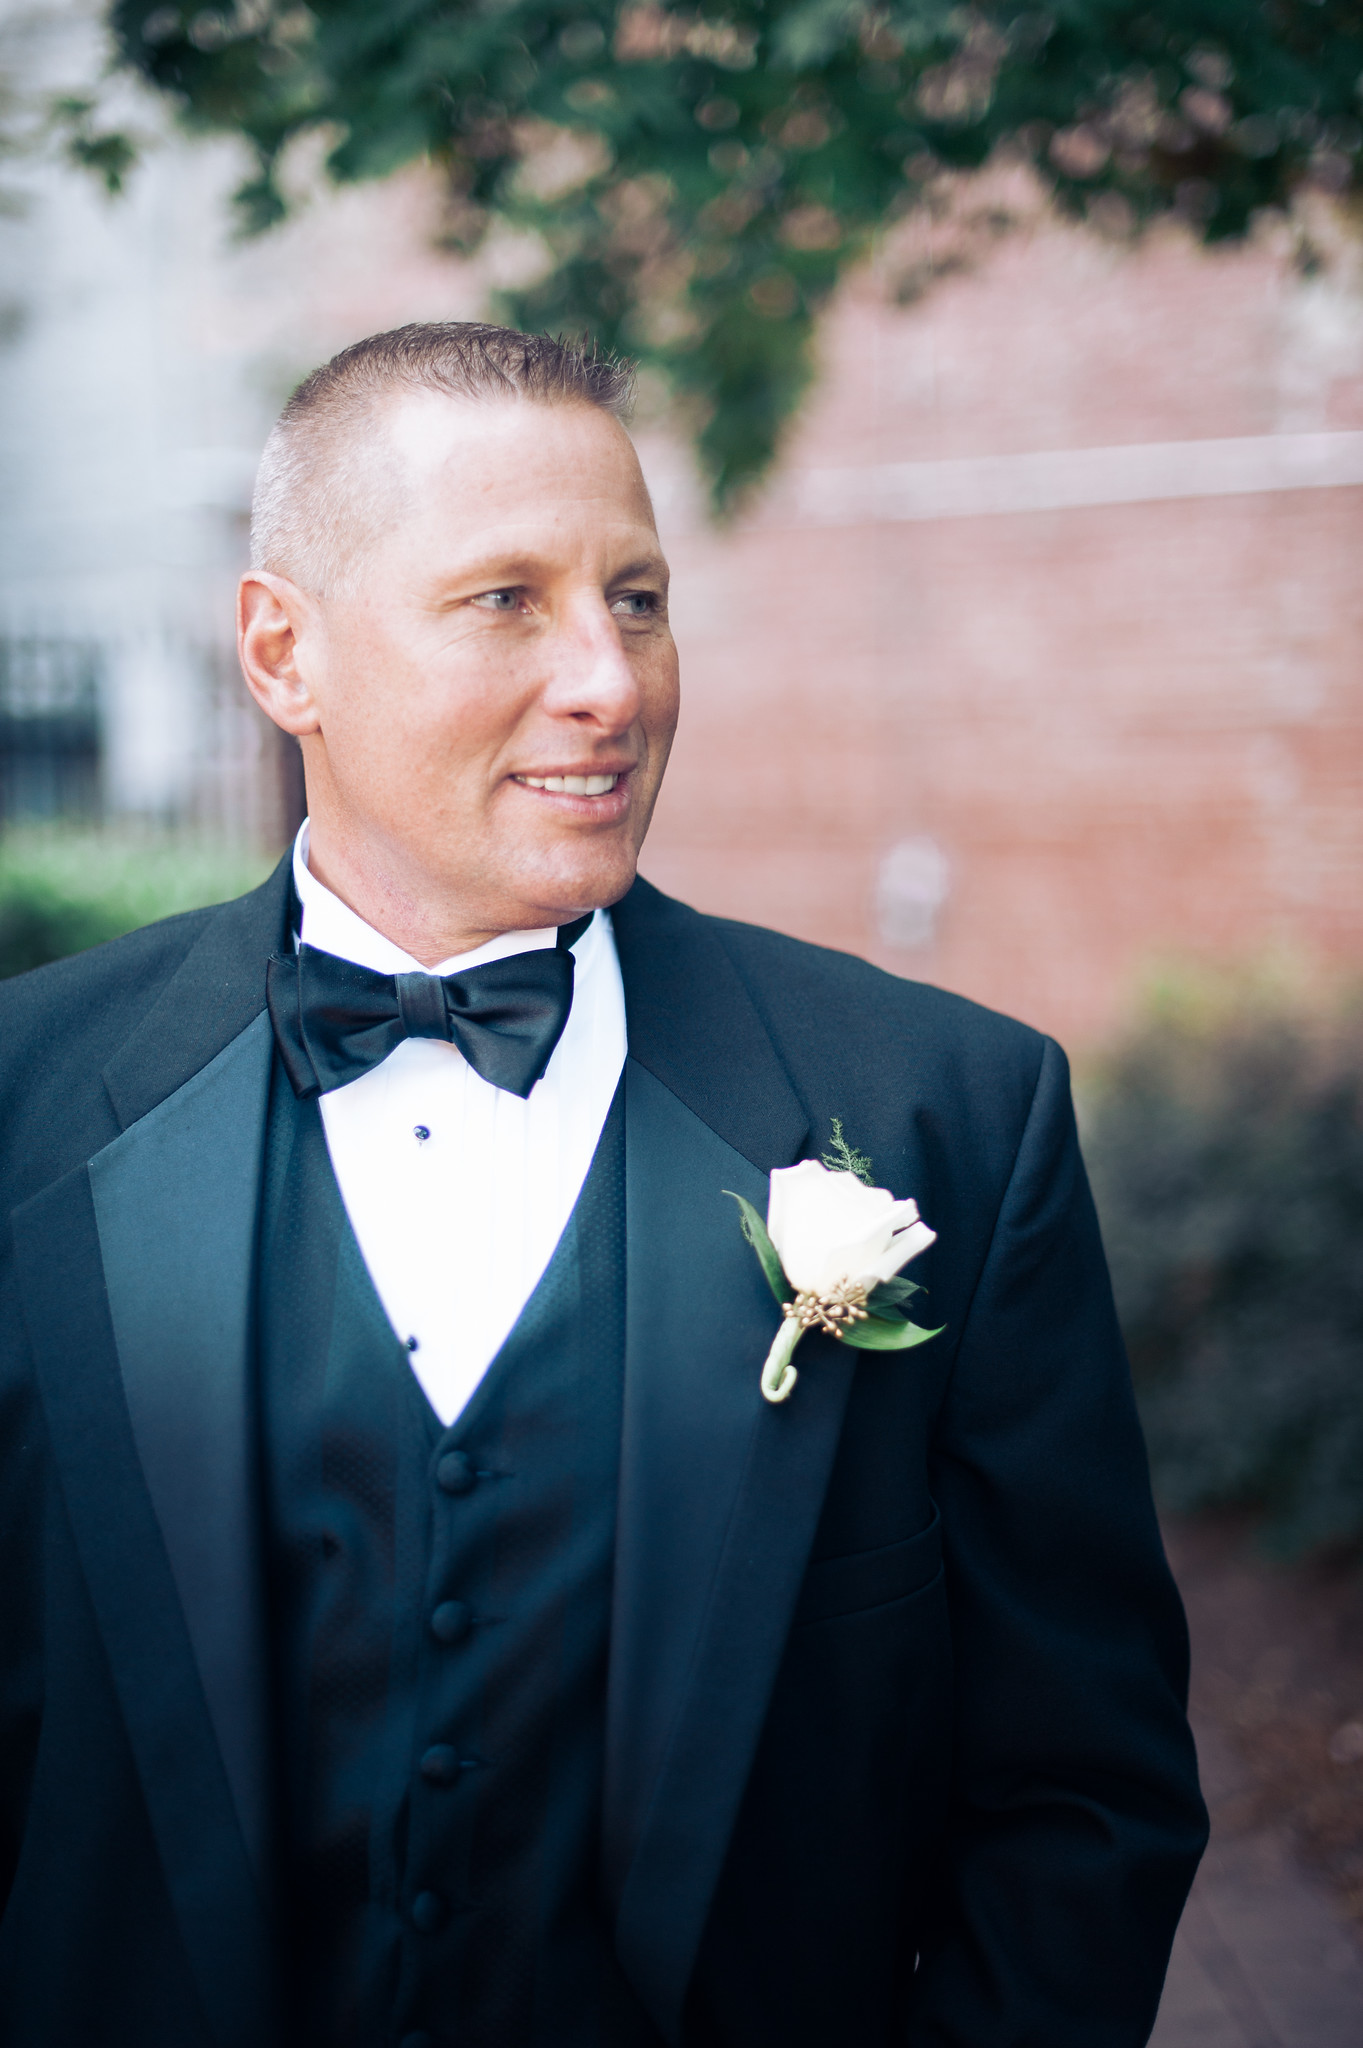 hoke-wedding-056-X4.jpg